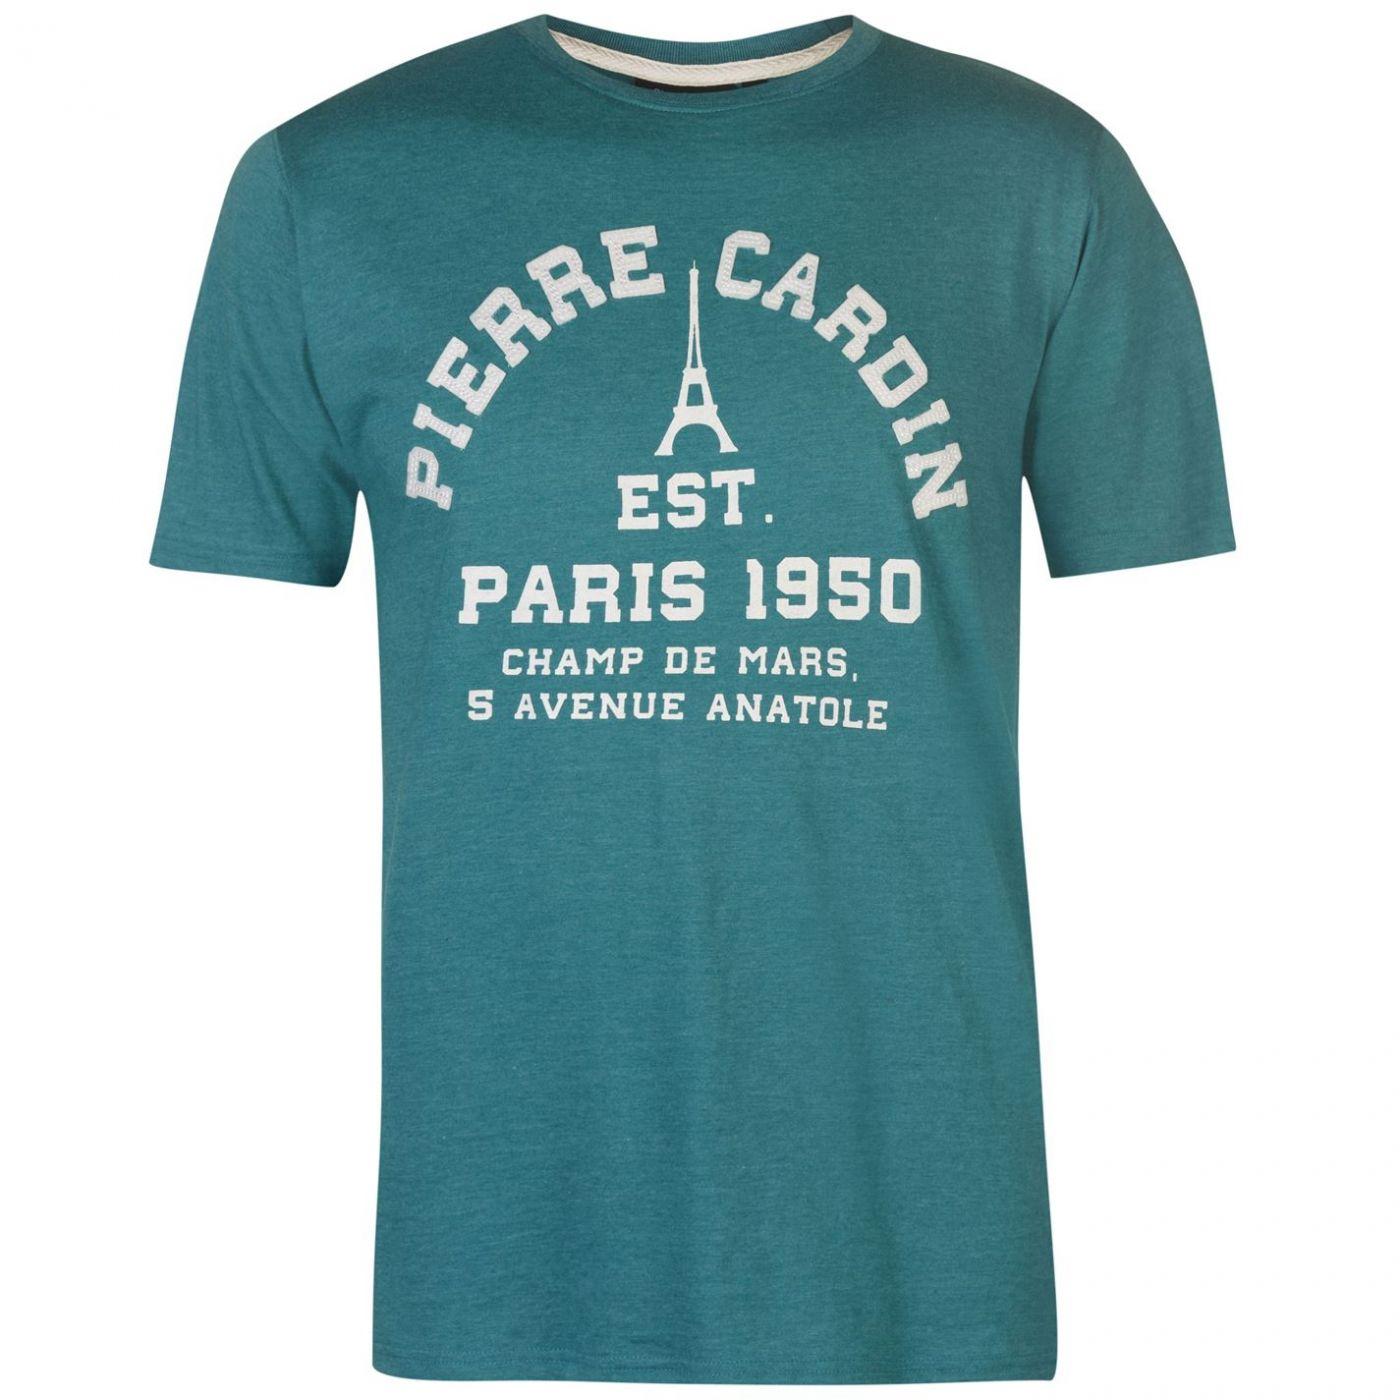 Pierre Cardin Eiffel Tee Mens